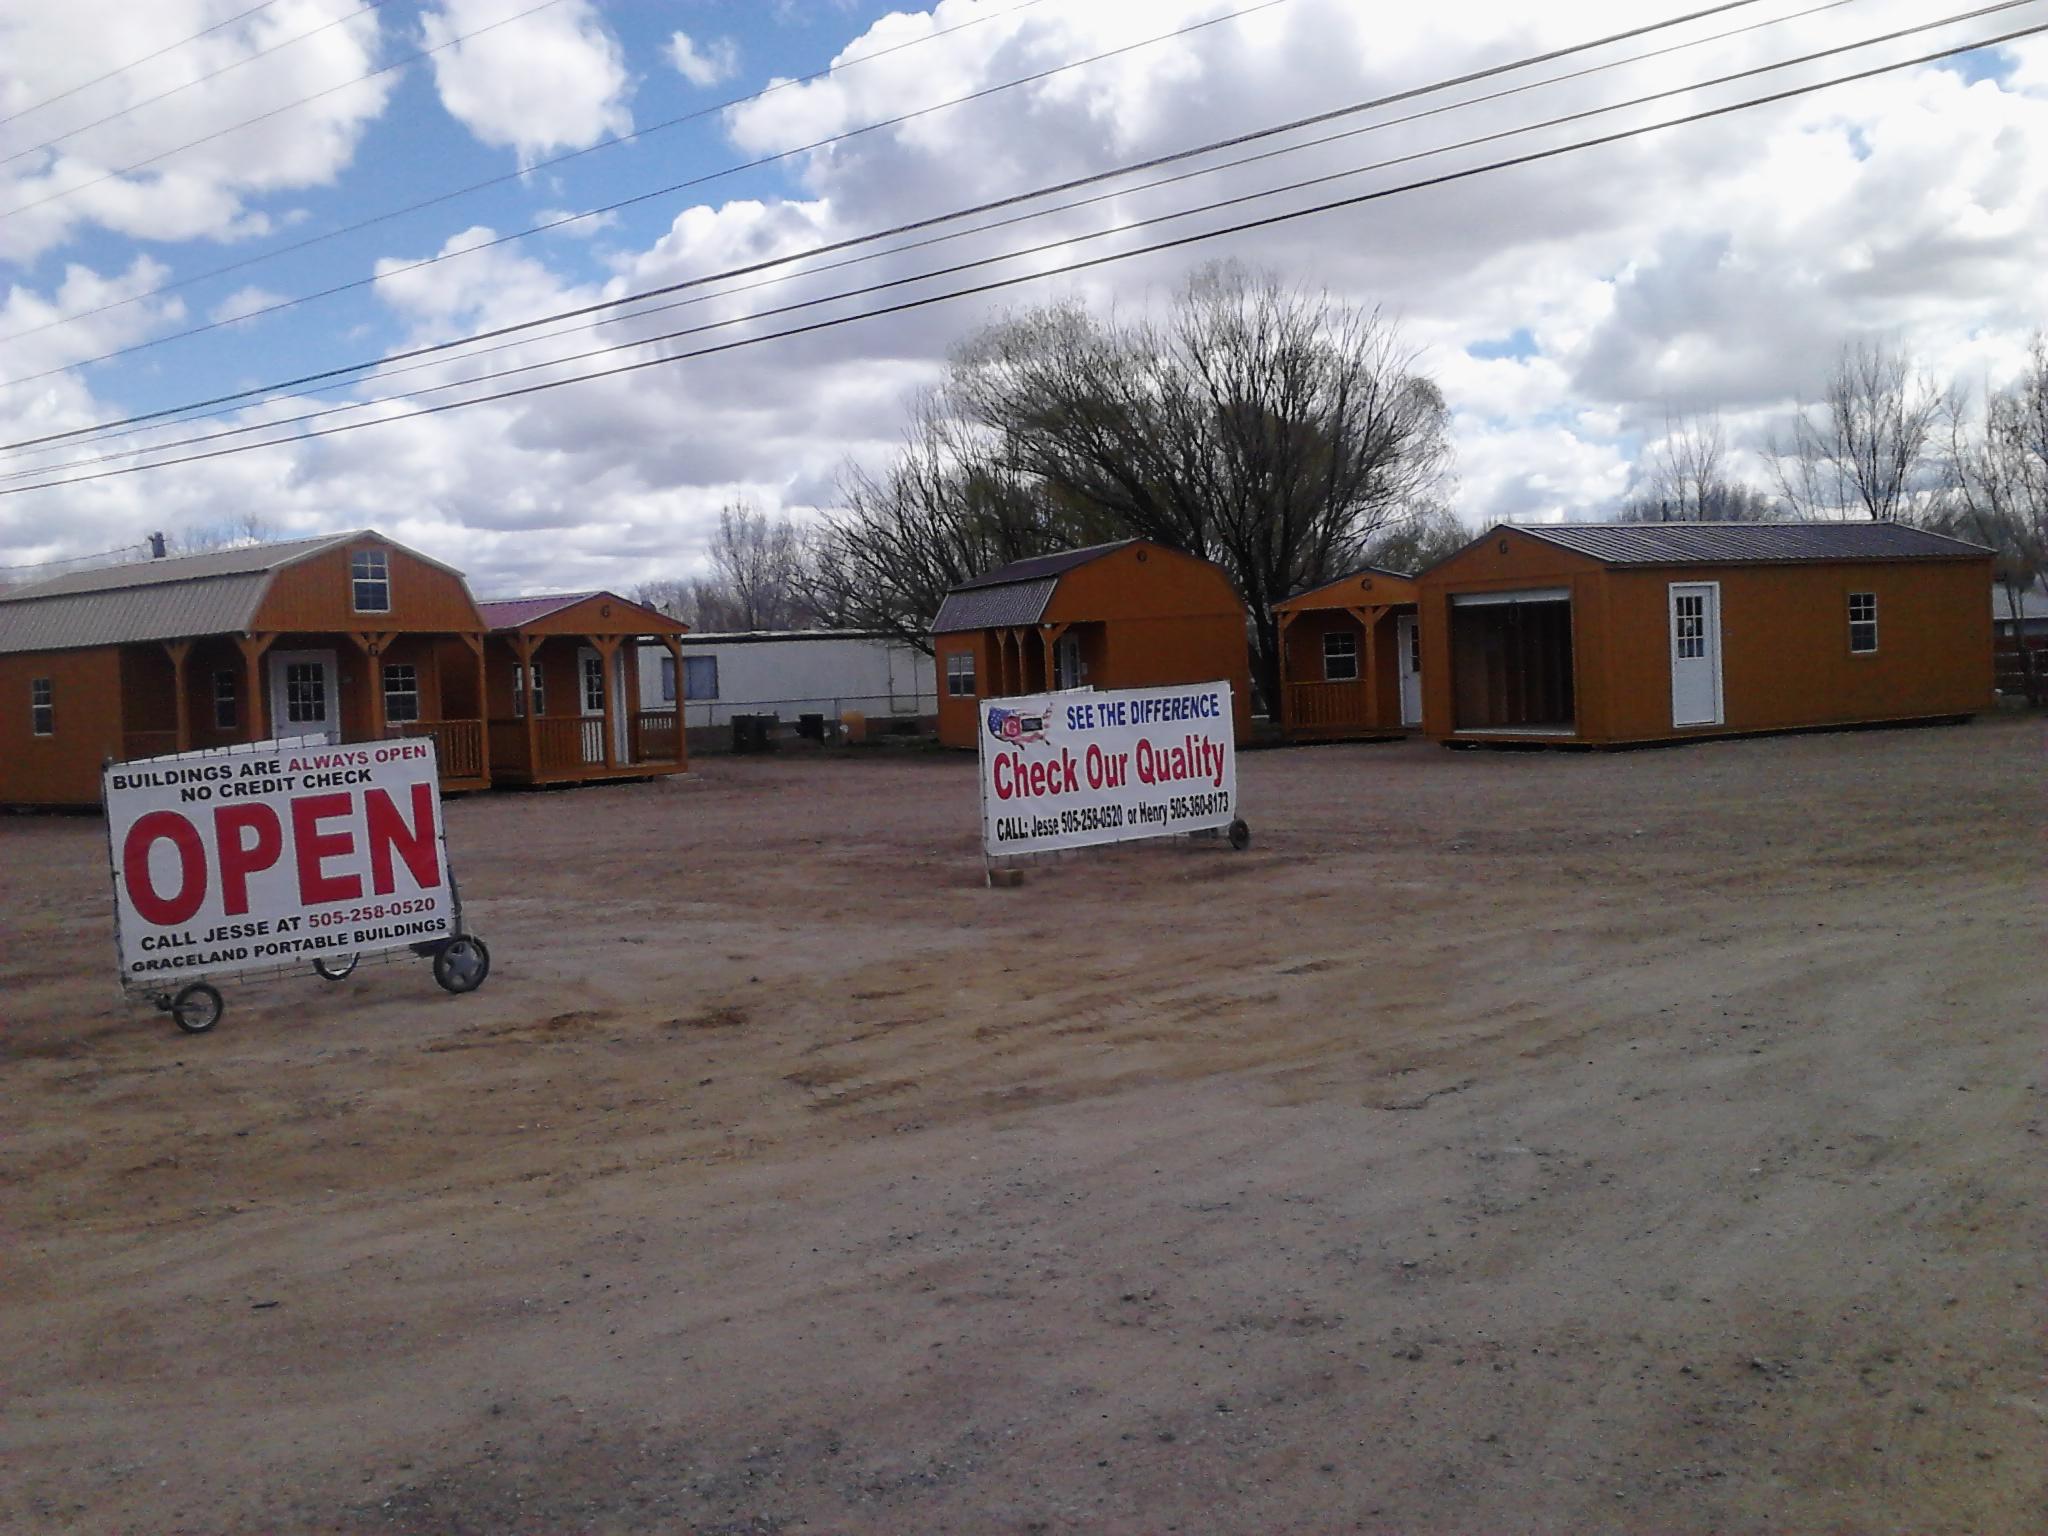 Graceland Portable buildings & Sheds 1029 Nm 516, Aztec, NM